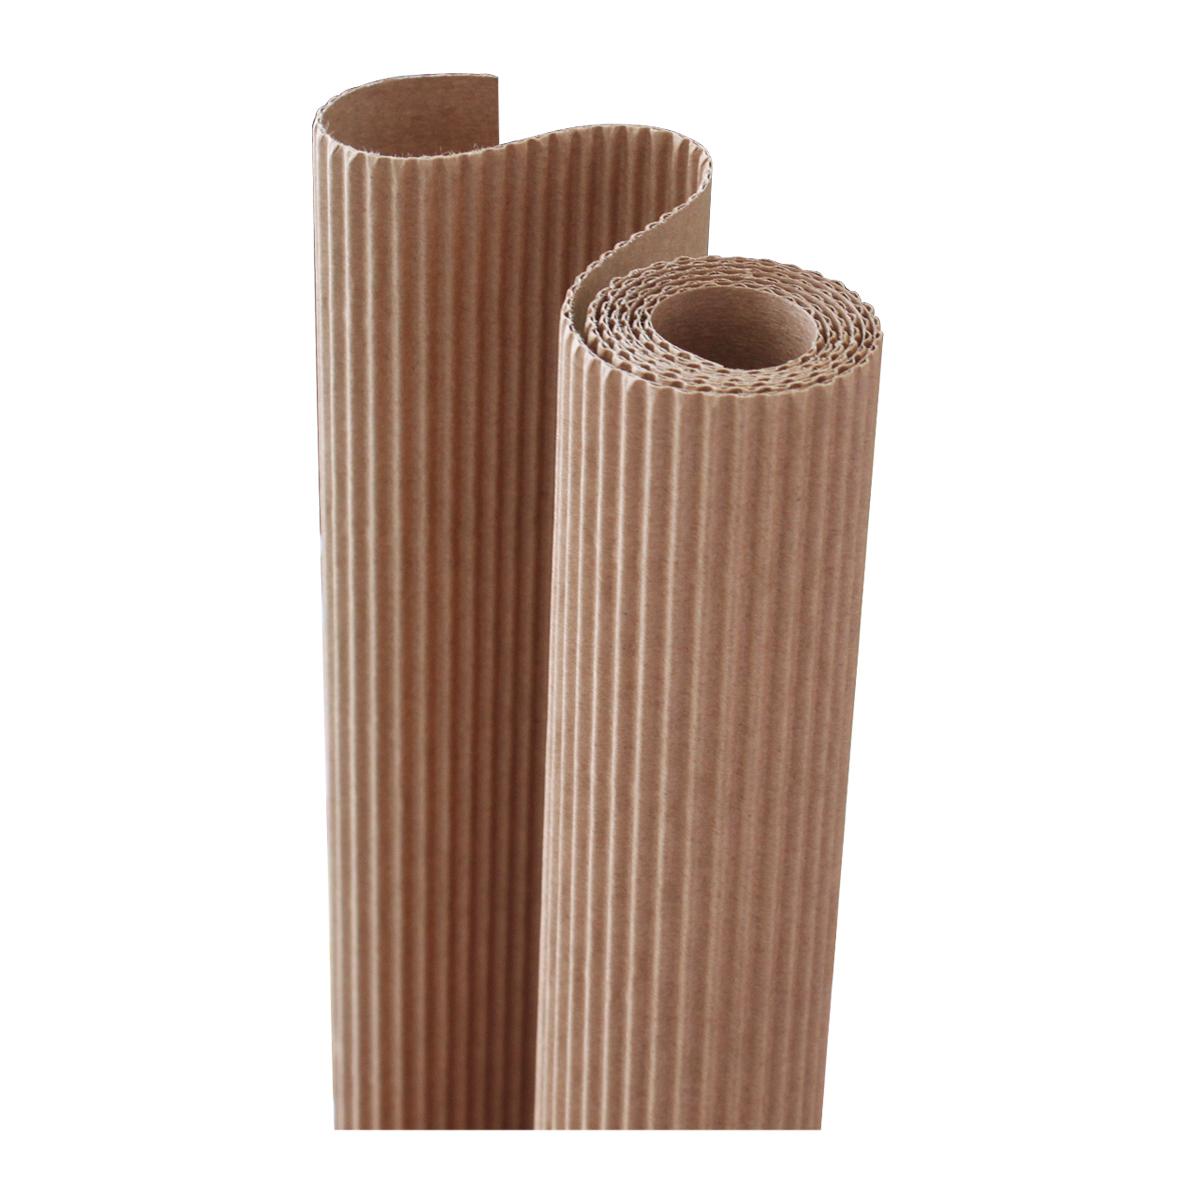 Картон гофрированный Folia, цвет: натуральный, 50 х 70 см7710888_10 натуральныйДвухслойный гофрированный картон Folia в основном применяется длядекорирования. Он состоит из одного слояплоского картона и слоя бумаги, имеющую волнообразную (гофрированную) форму.Отличается малым весом и высокими физическими параметрами.Применение: для дизайнерских и оформительских работ, для декоративногодетского творчества. Также такой материал хорошо зарекомендовал себя вкачестве упаковочного материала.